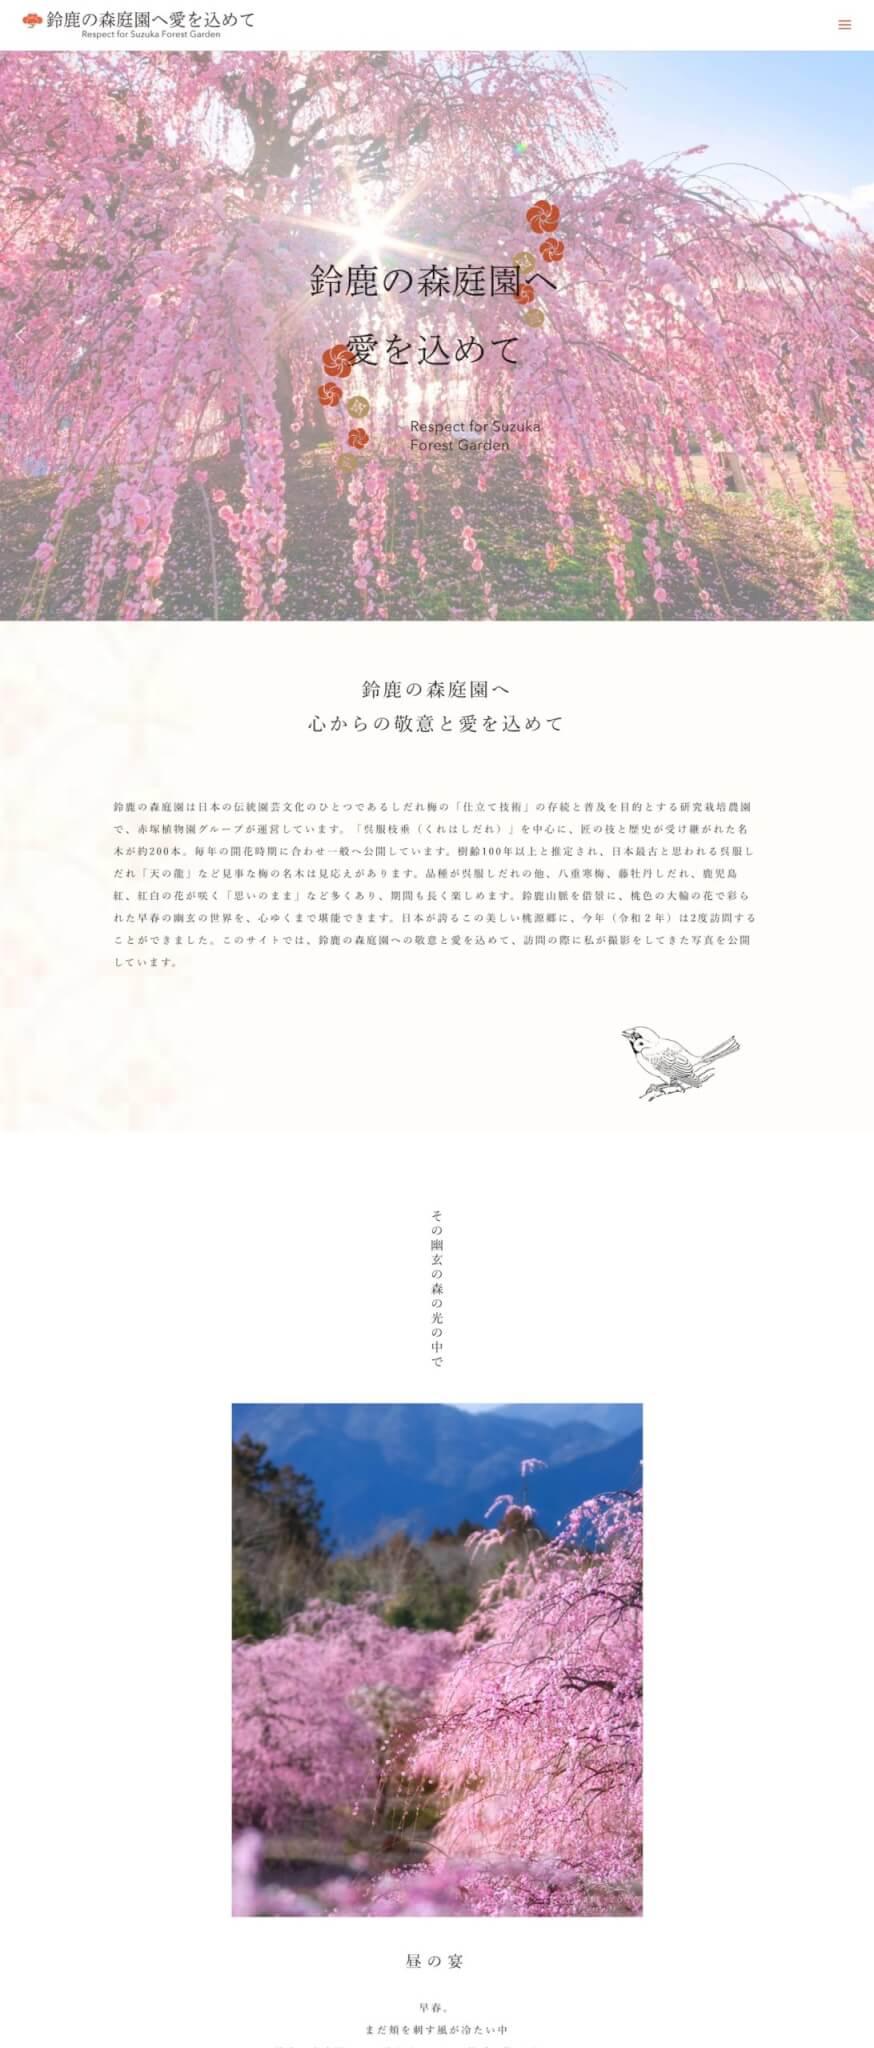 鈴⿅の森庭園へ愛を込めて